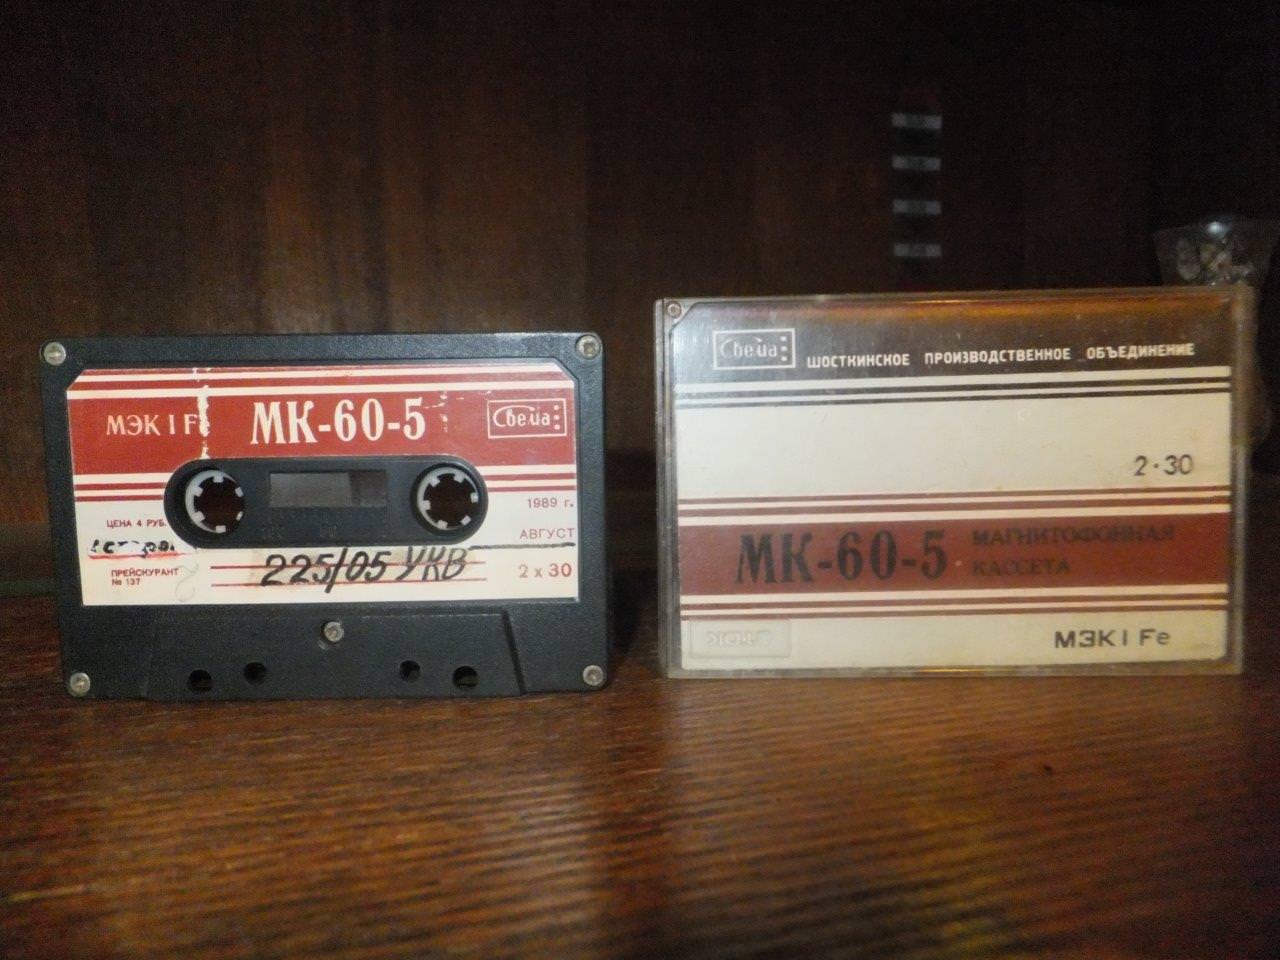 1989 - Дембельская аудиокассета, вид 1